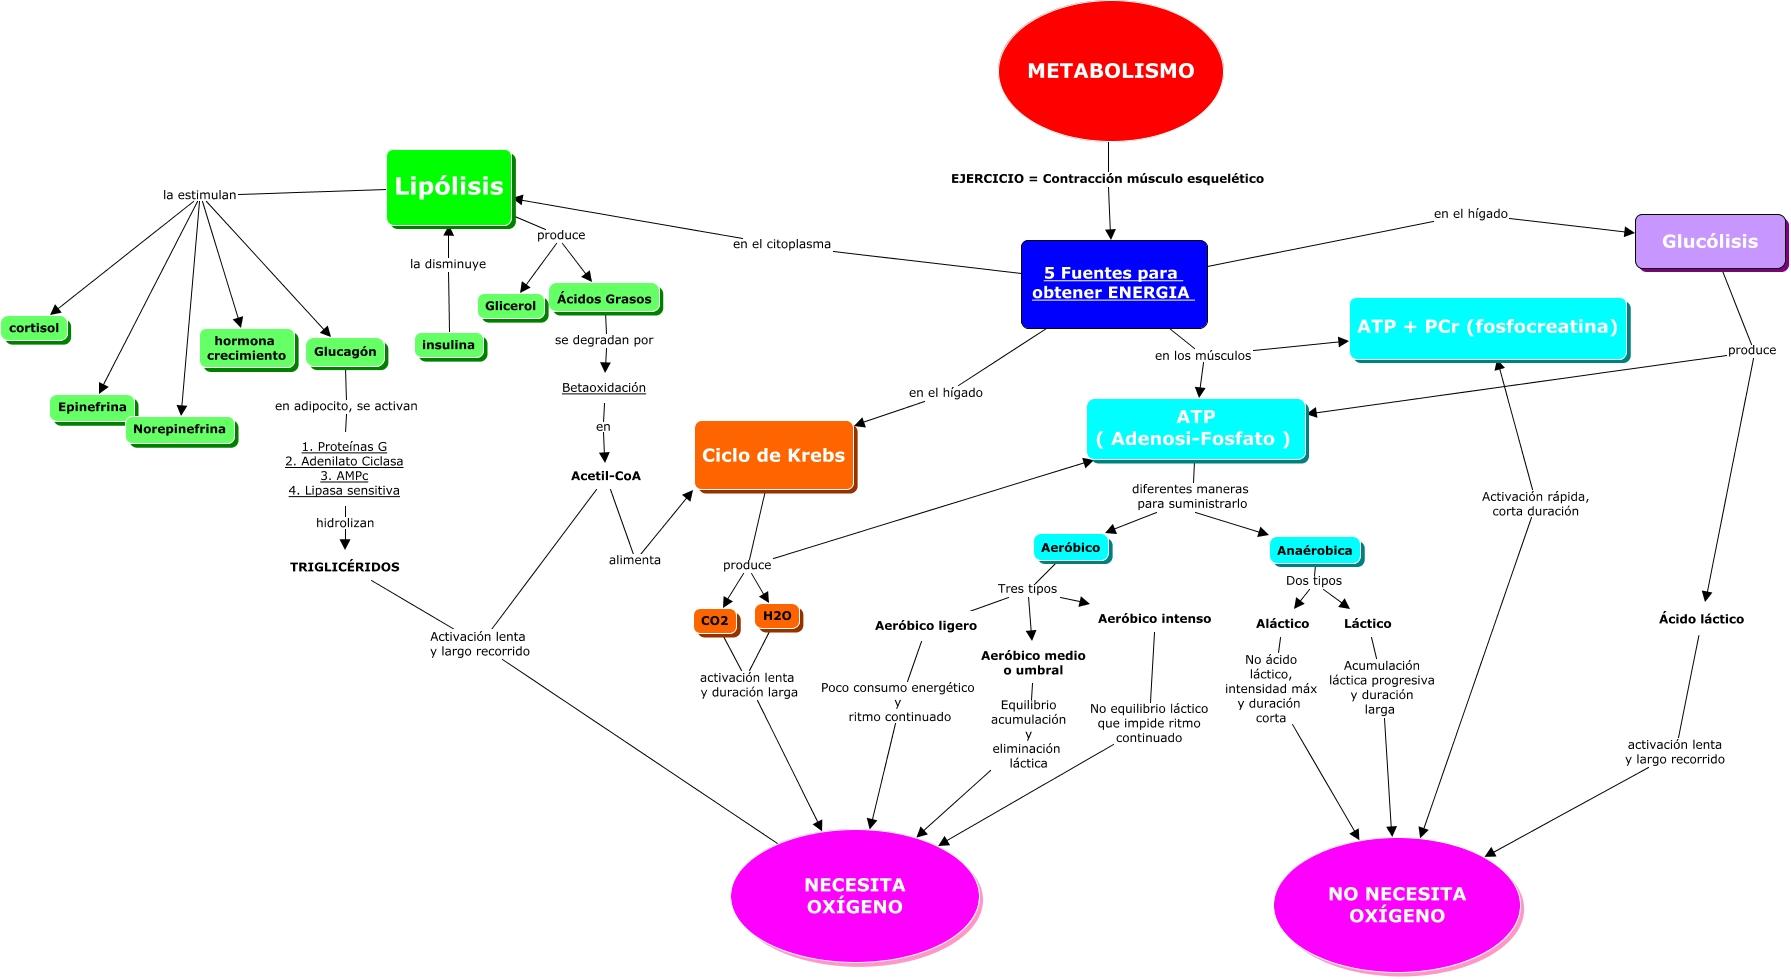 Dietoterapia nutrición clínica y metabolismo pdf